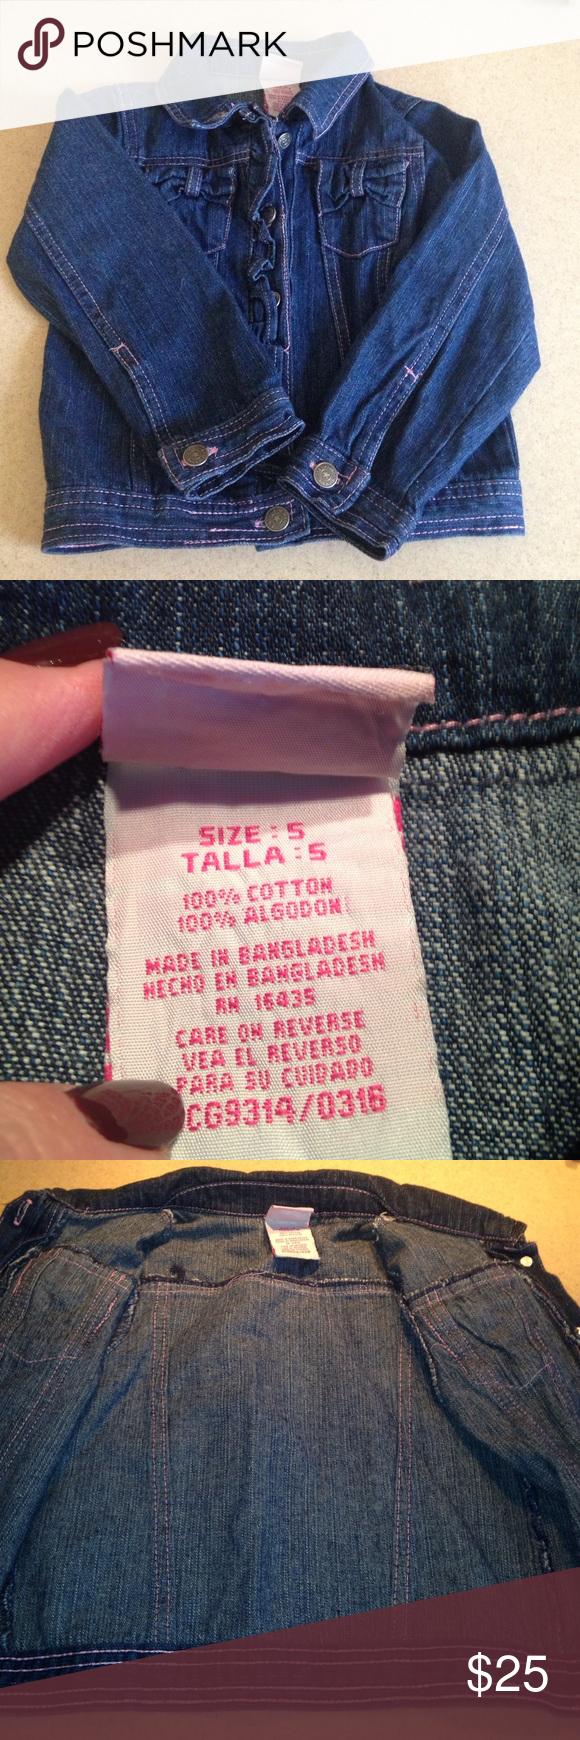 Girls lightweight denim jacket size 5 Blue denim jacket for little girls size 5, 100% cotton. EUC Jackets & Coats Jean Jackets